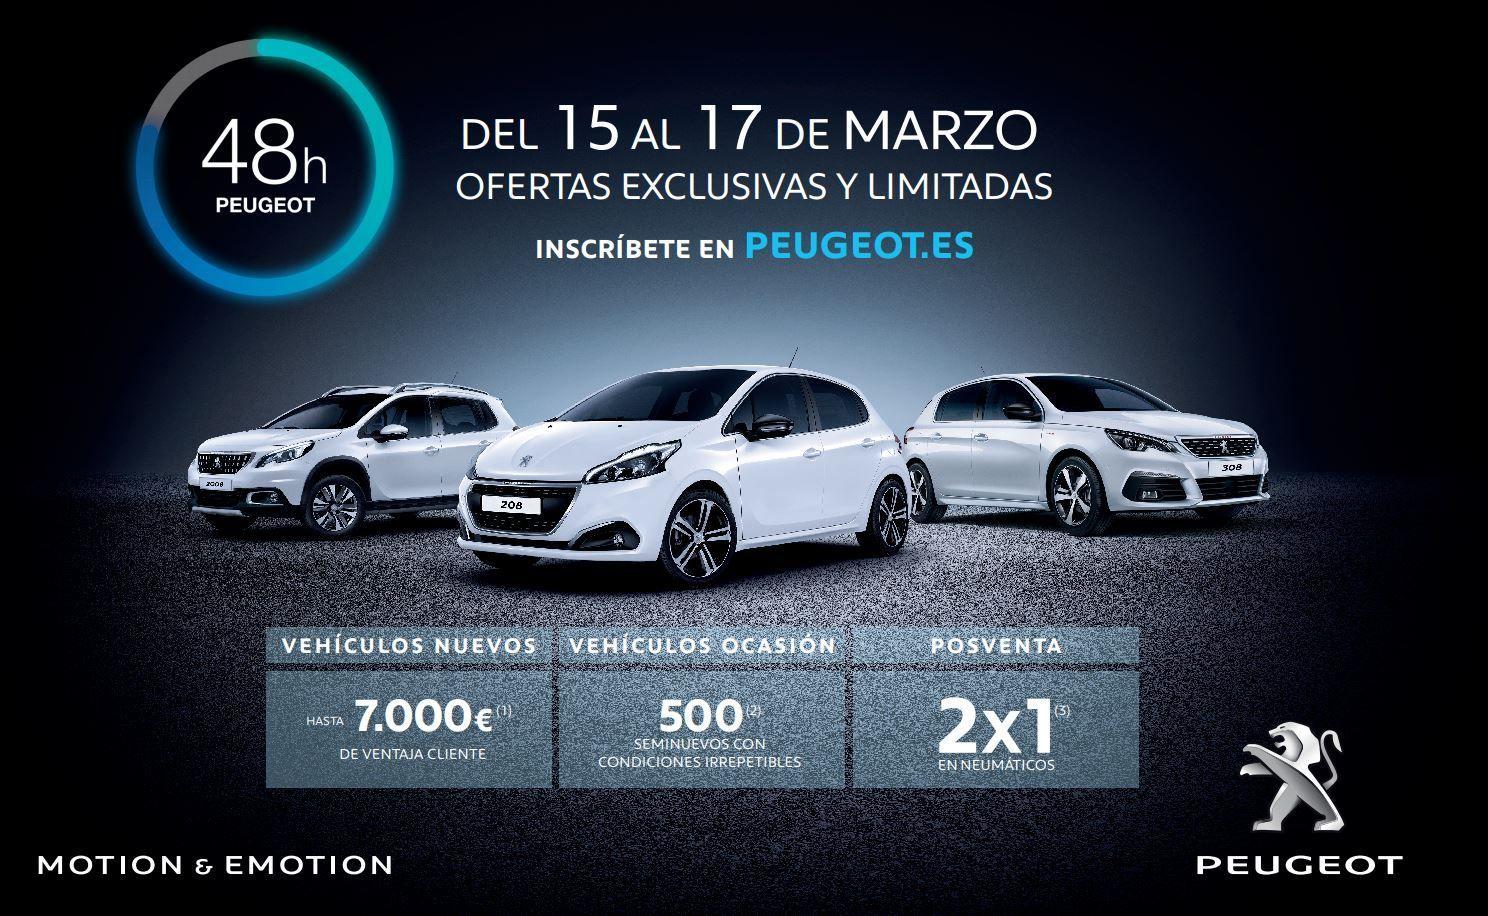 48 HORAS PEUGEOT del 15 al 17 de Marzo en Peugeot Alcalá 534